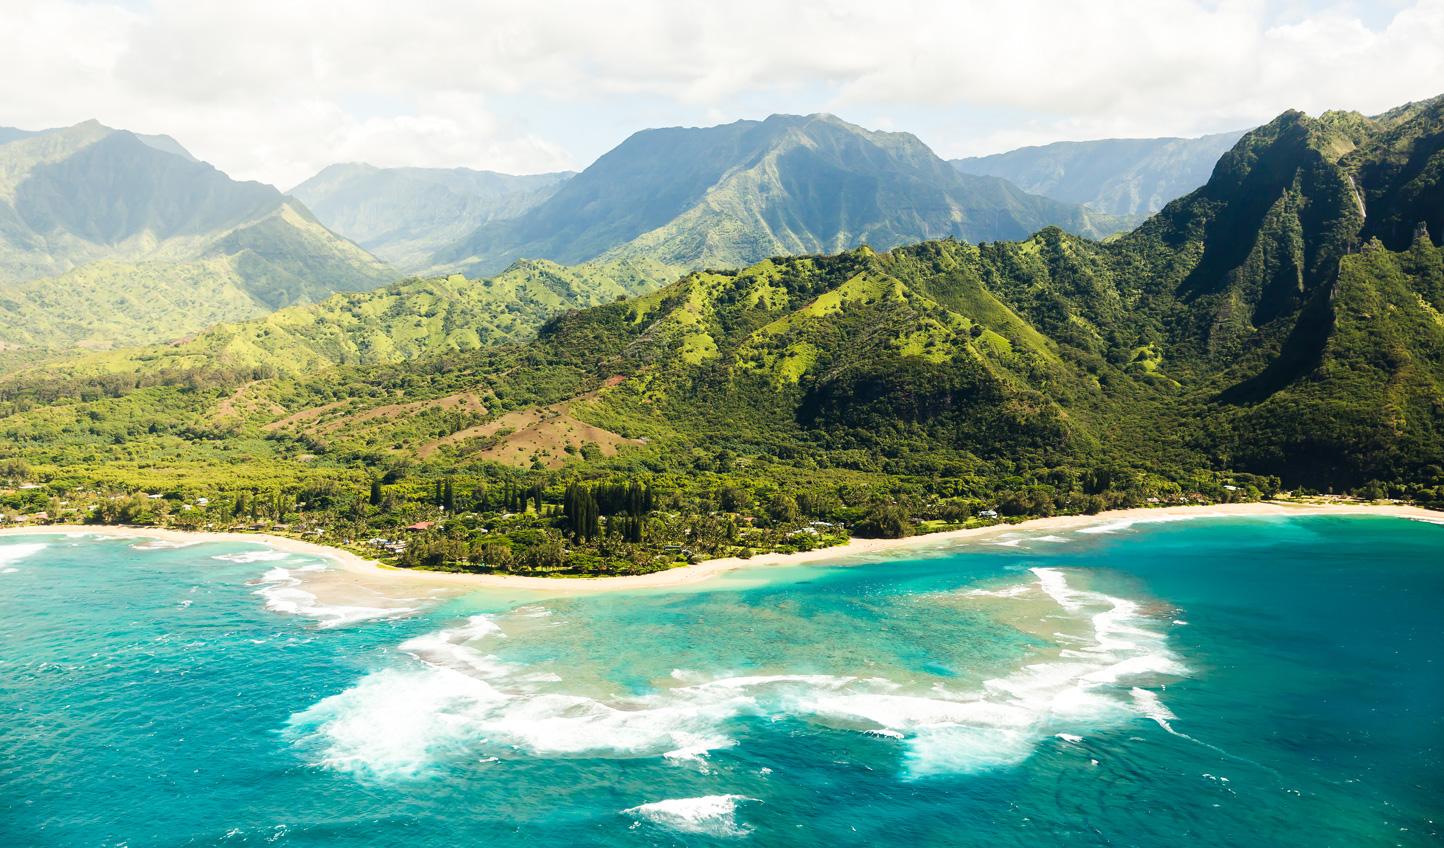 Hop between Maui and Kauai